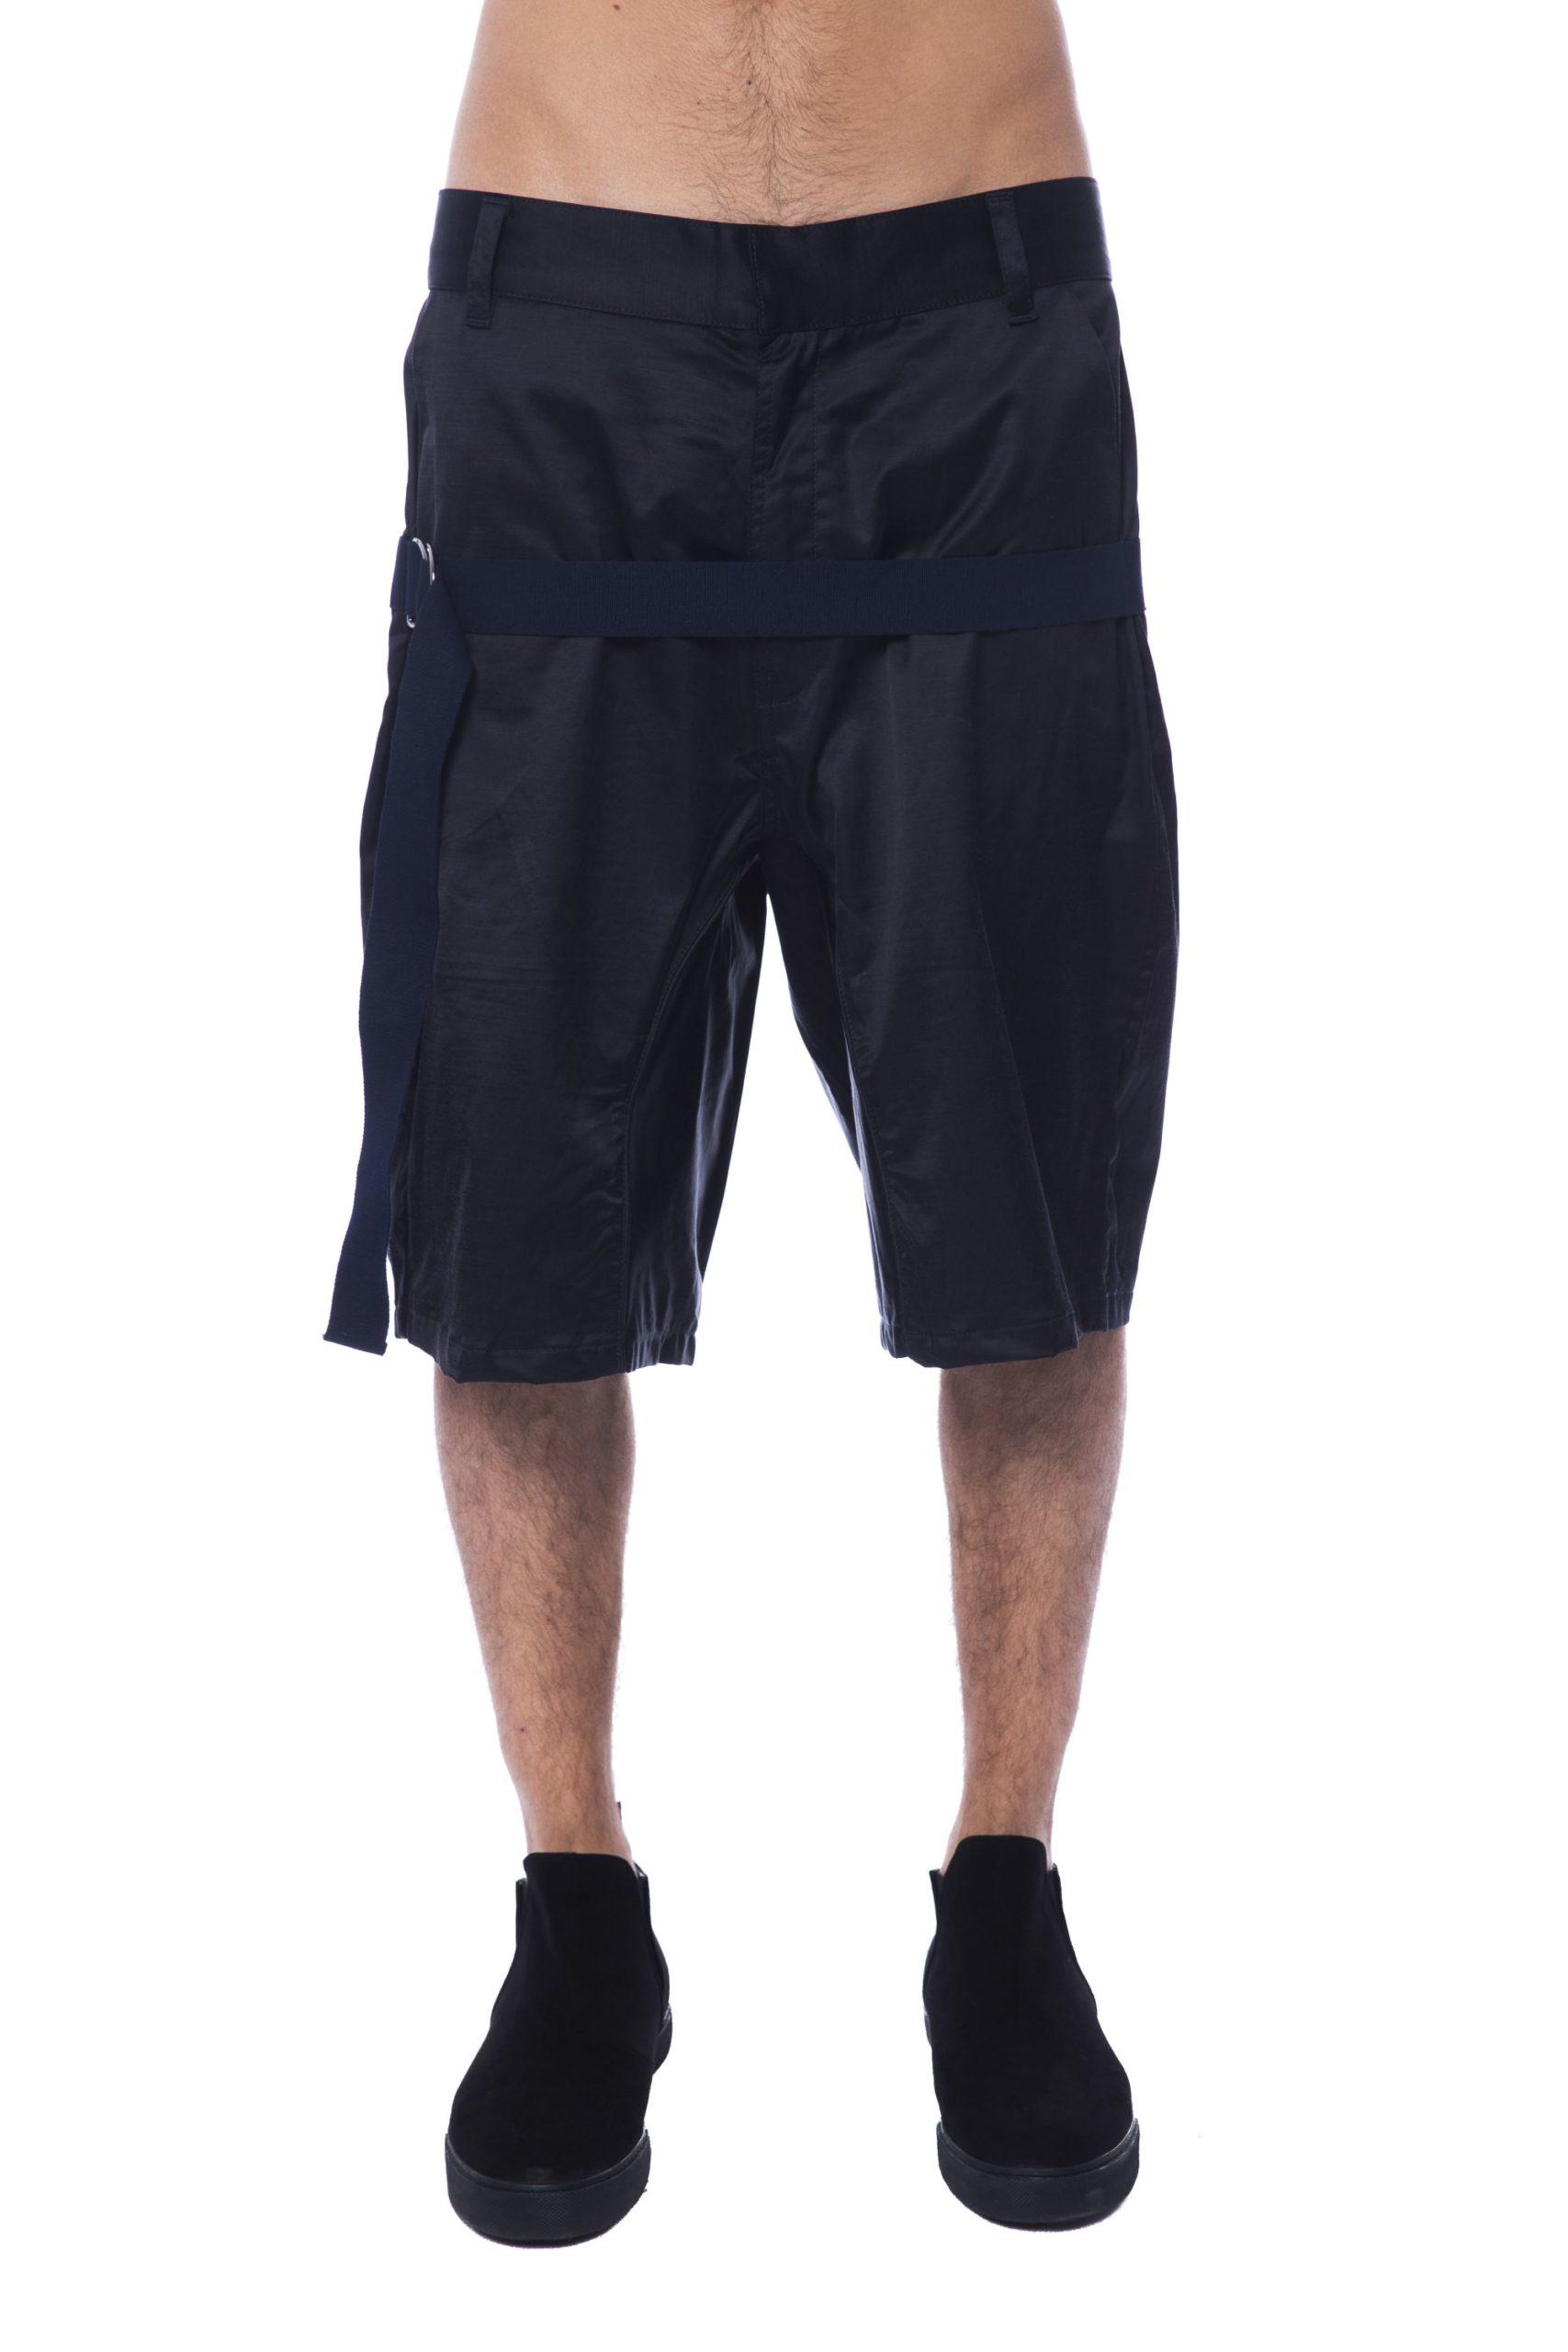 Nicolo Tonetto Men's Short Black NI1281010 - XS